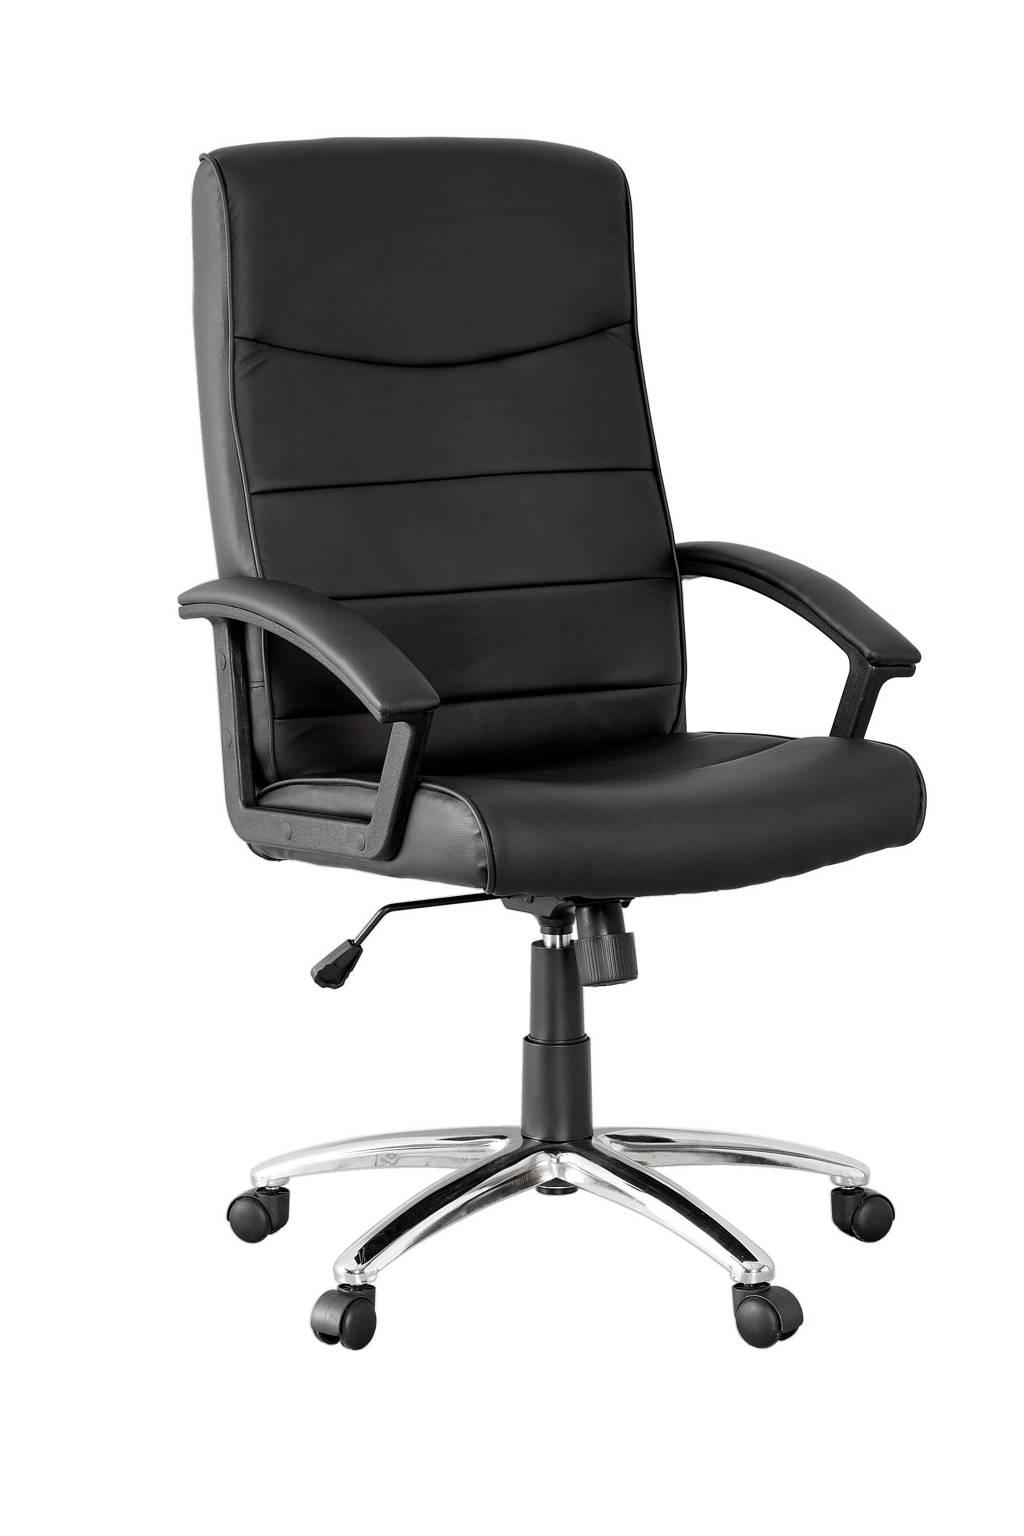 Fijne Zwarte Bureaustoel.Anytime Bureaustoel Turijn Wehkamp